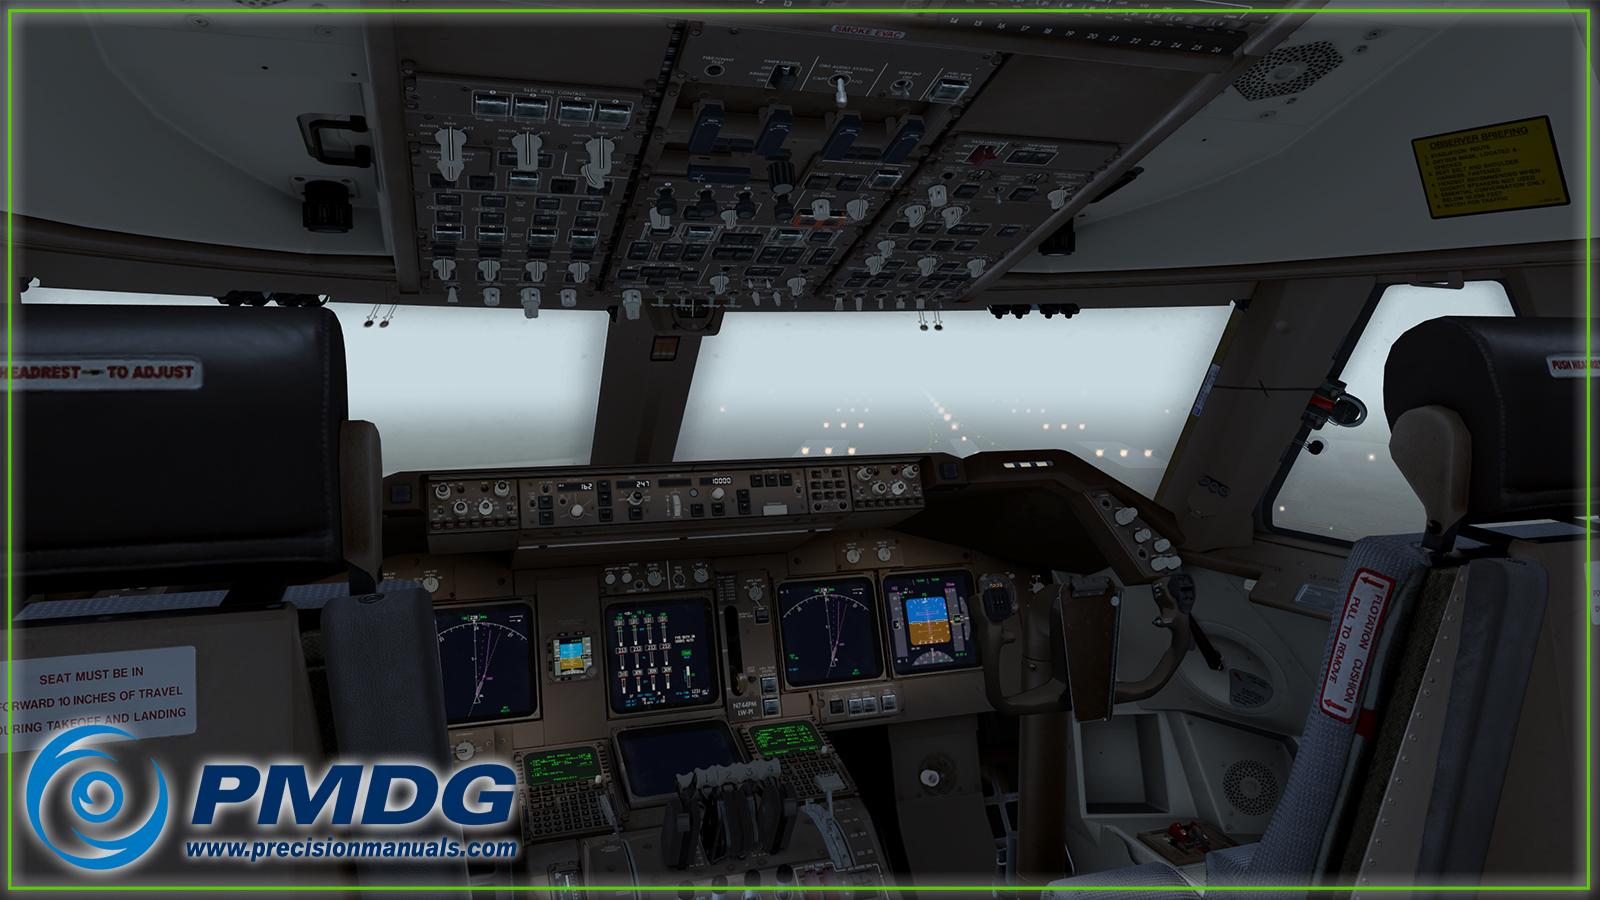 PMDG_747v3_runway_fog4.jpg